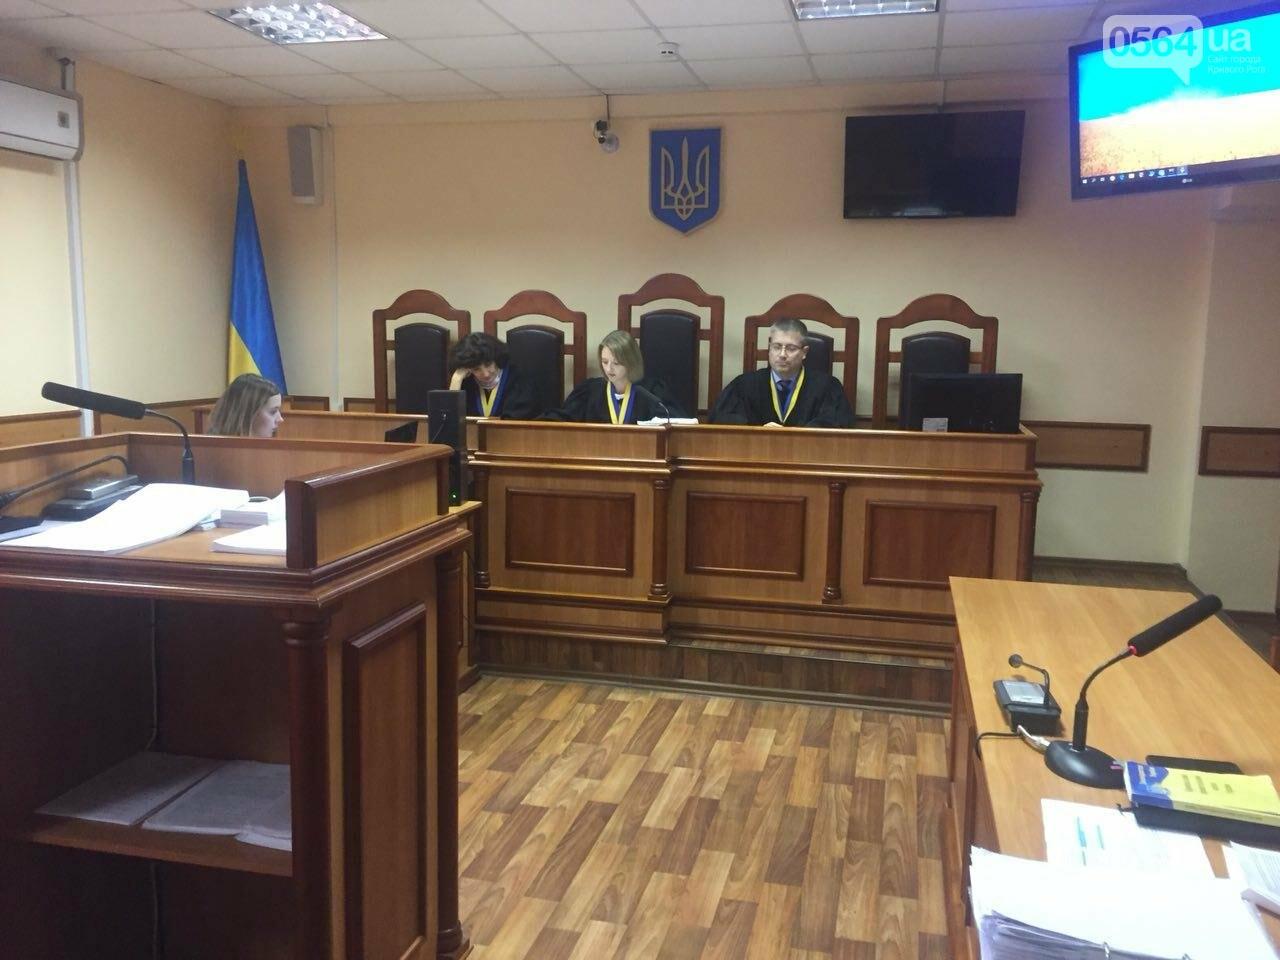 Апелляционный суд обязал возобновить расследование о халатности военных в деле криворожского журналиста, раненого на учениях резервистов,..., фото-1